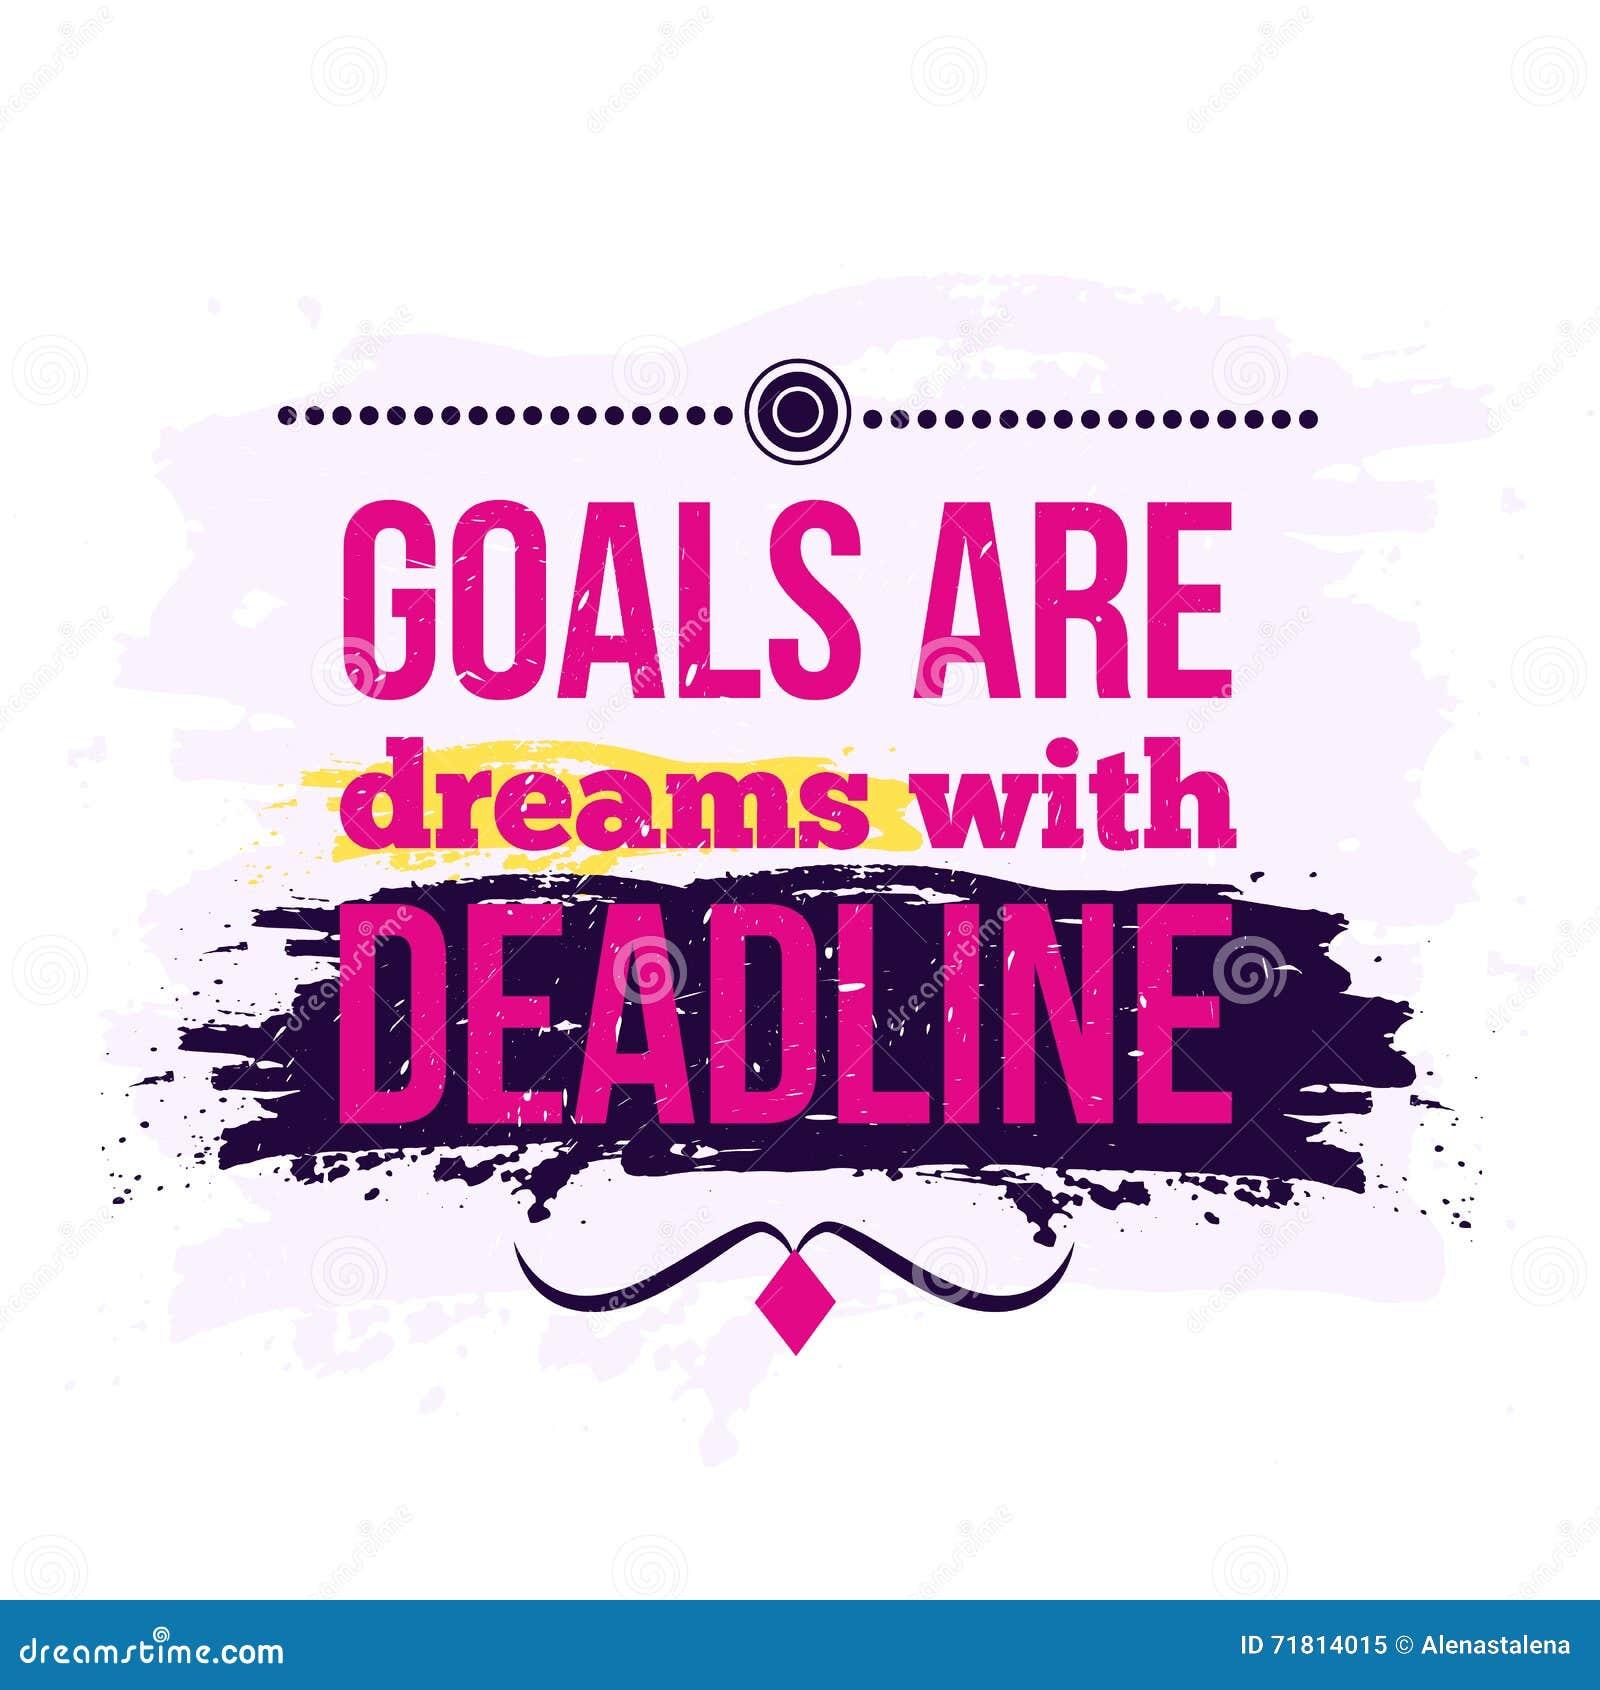 刺激企业行情目标是与最后期限的梦想 海报 设计观念